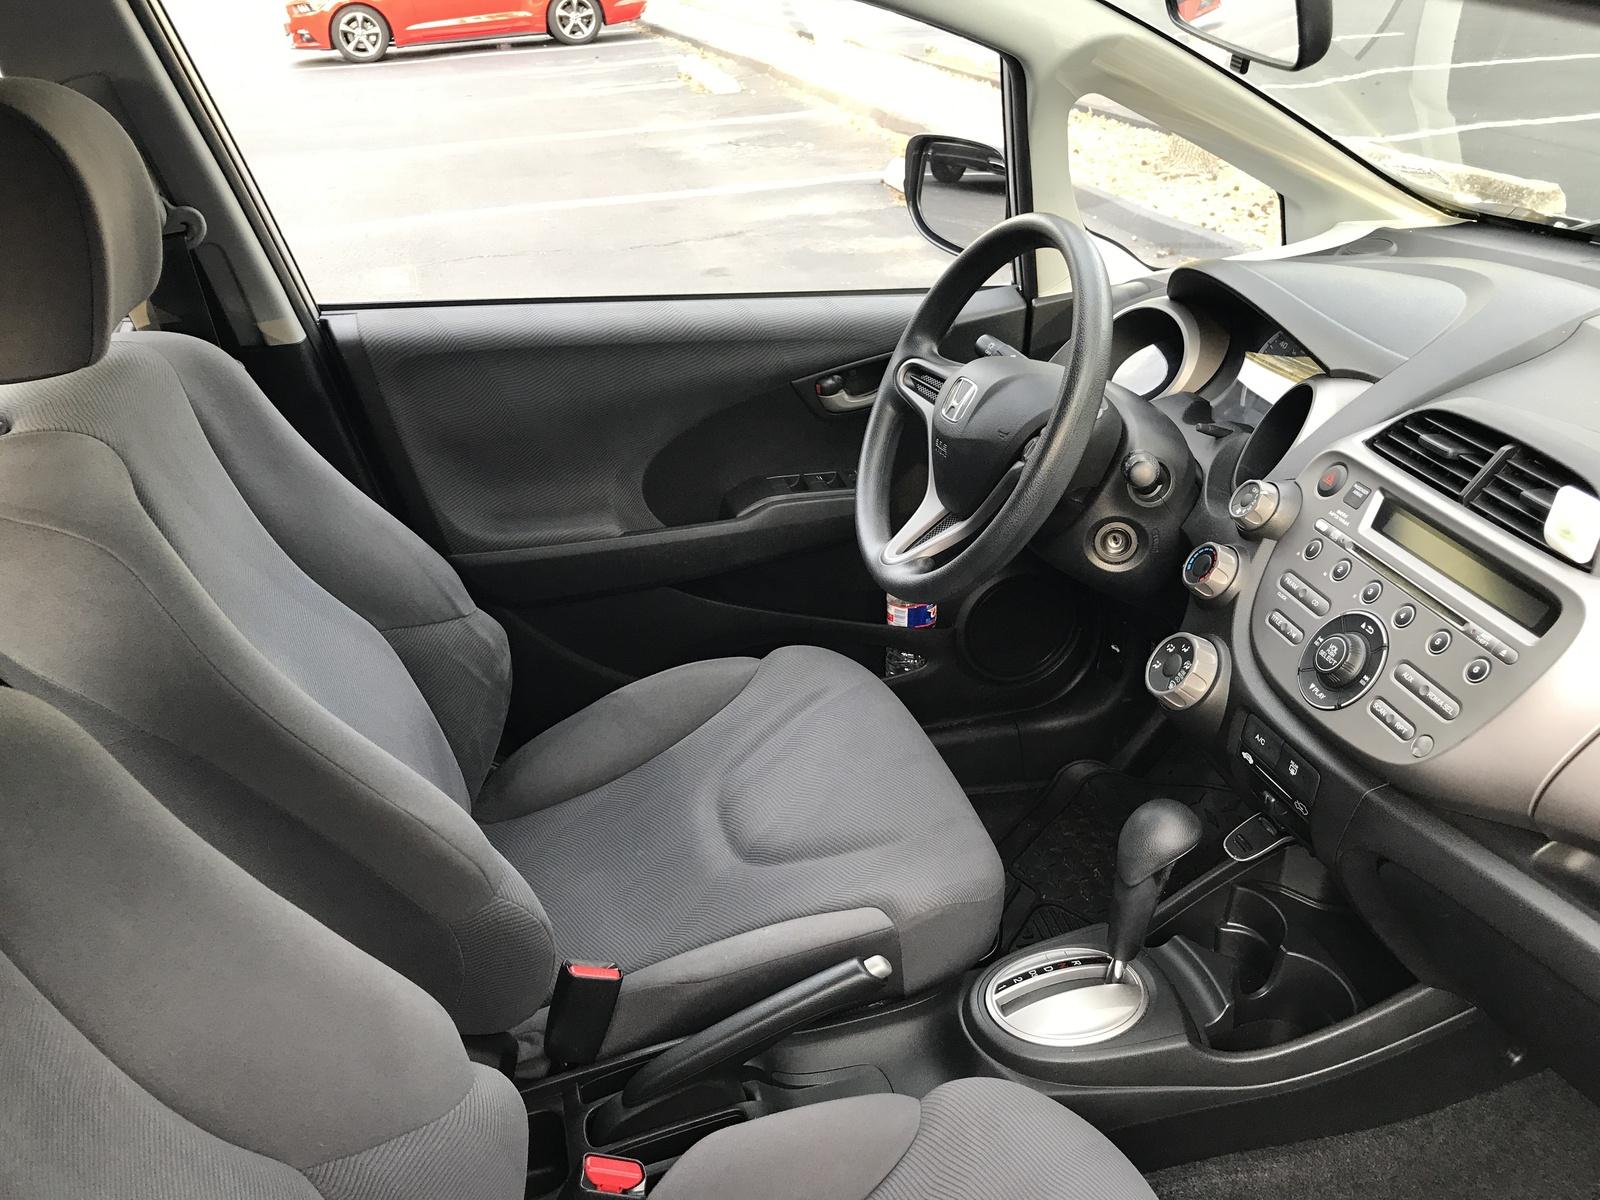 Honda Fit Interior >> 2011 Honda Fit Interior Pictures Cargurus